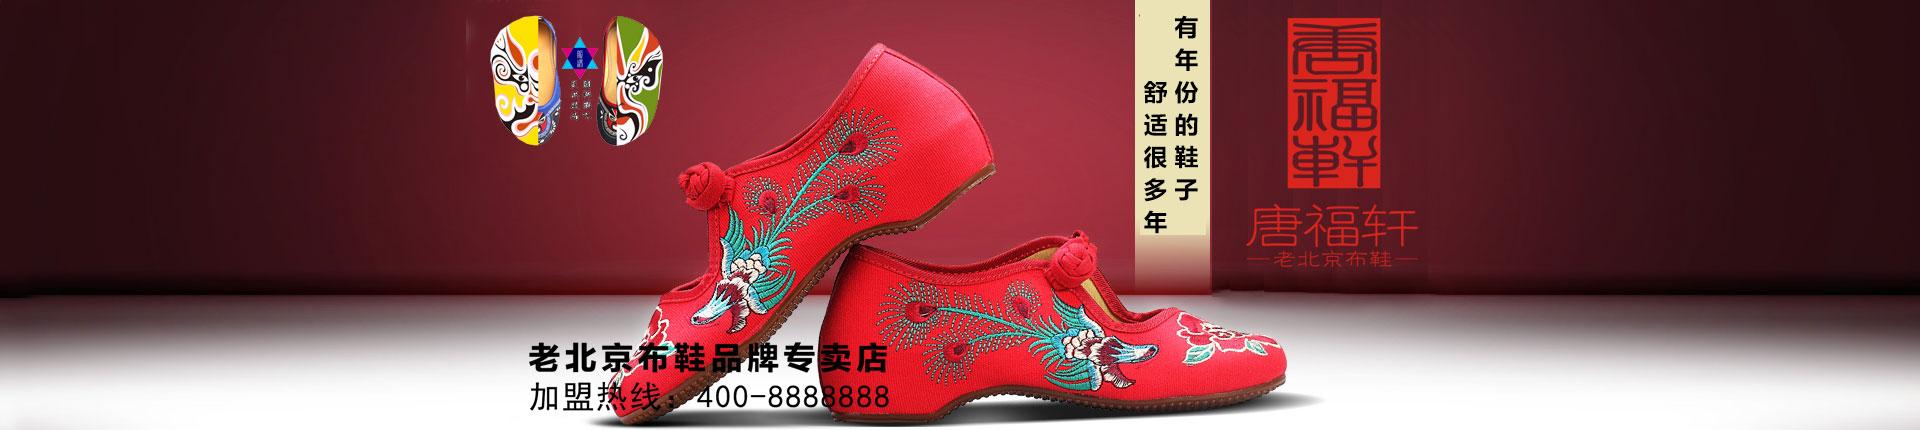 唐福轩老北京布鞋官方网站